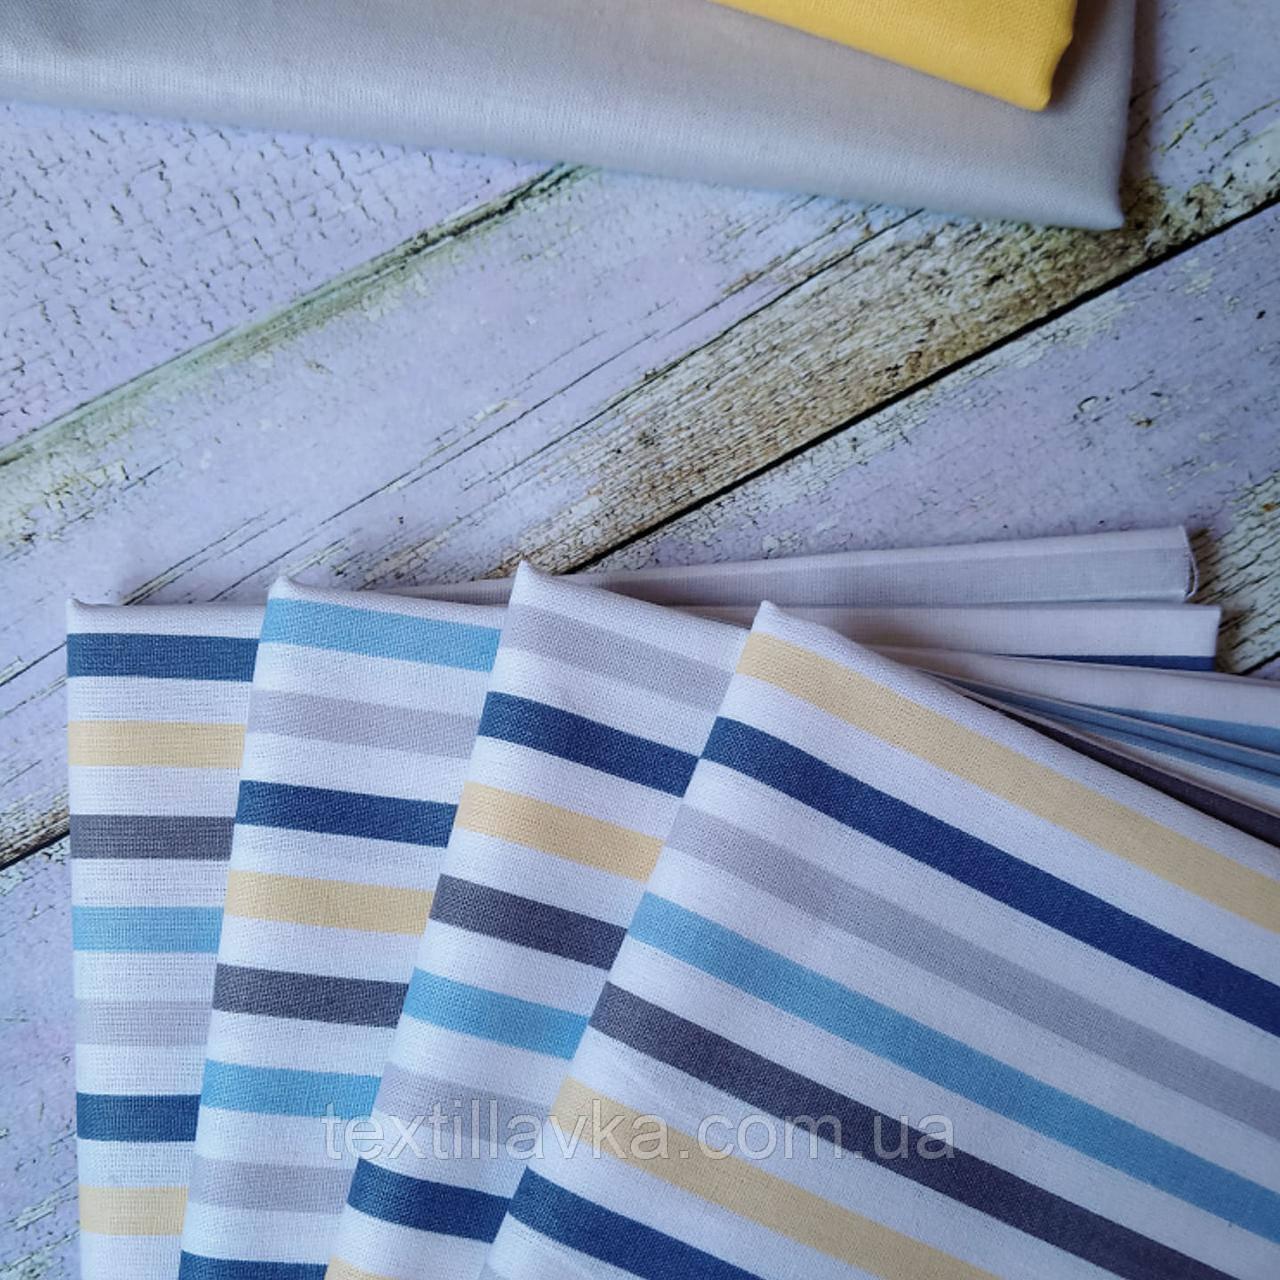 Ткань хлопок для рукоделия полоска 5мм серо-голубая